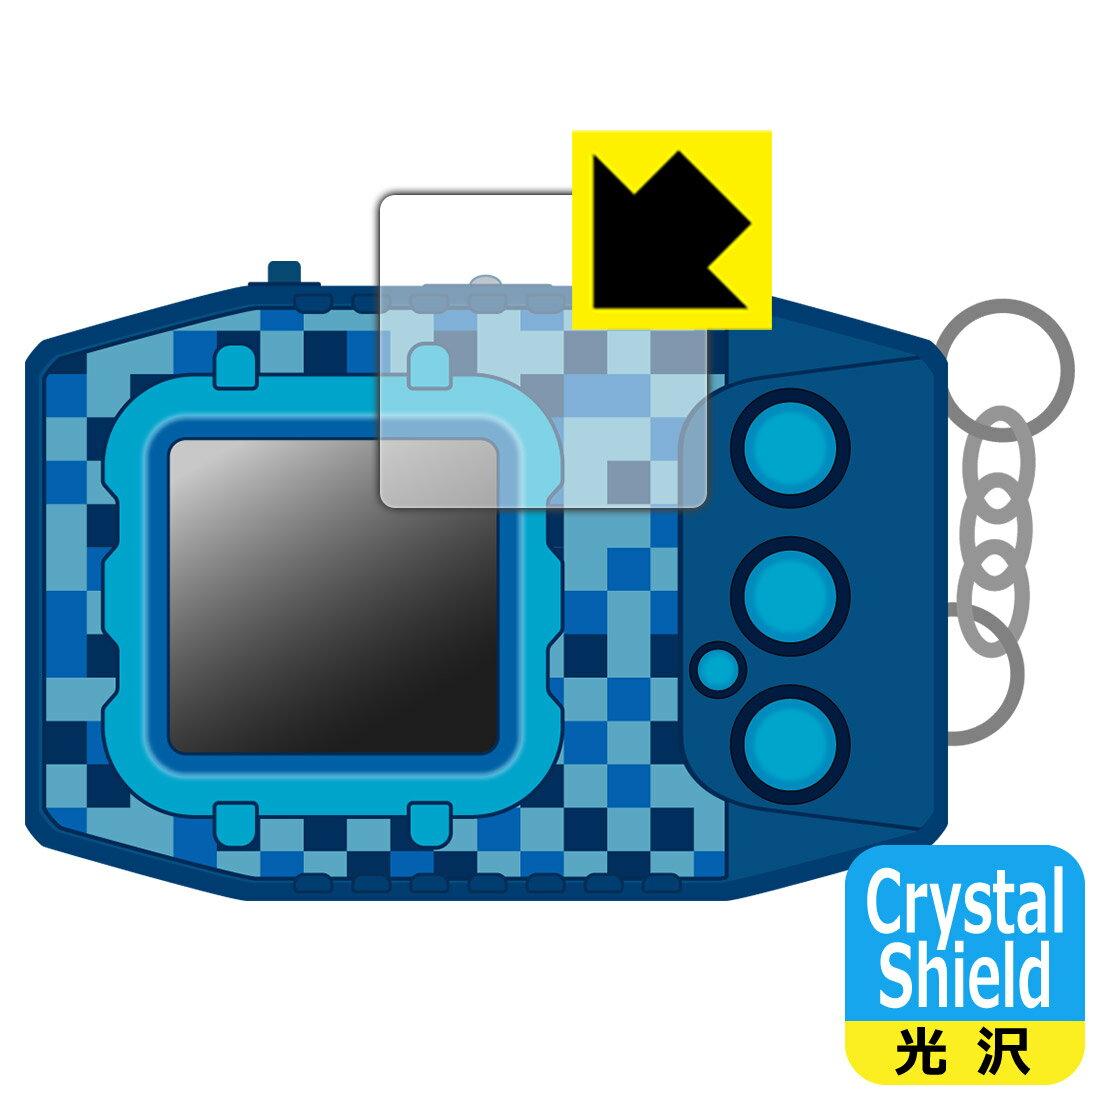 電子玩具・キッズ家電, その他 Crystal Shield Z Z II RCPsmtb-kd